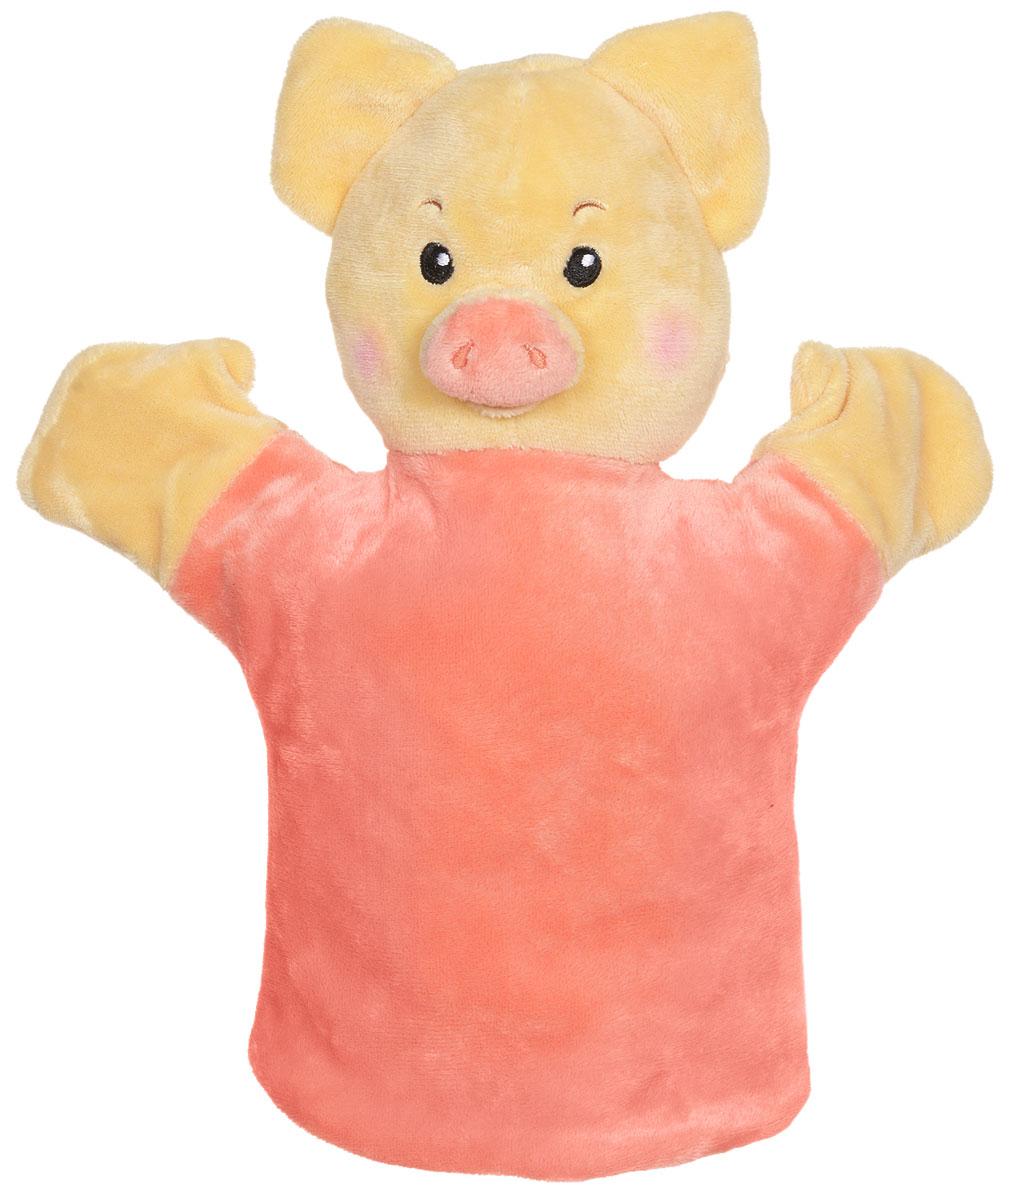 Спокойной ночи, малыши! Кукла на руку Хрюша2098229_5Замечательная кукла на руку Спокойной ночи, малыши! Хрюша изображена в виде героя популярной передачи для детишек. Теперь ваш ребенок сможет устроить эфир телепередачи у себя дома. С веселой Каркушей, непоседливым Хрюшей, робким Степашкой, хитрым Мишуткой и добрым Филей можно придумать большое количество новых интересных историй. Всеми актерами будет руководить ваш юный режиссер! Такая игрушка поможет развить воображение, а возможно, сможет раскрыть новый талант.